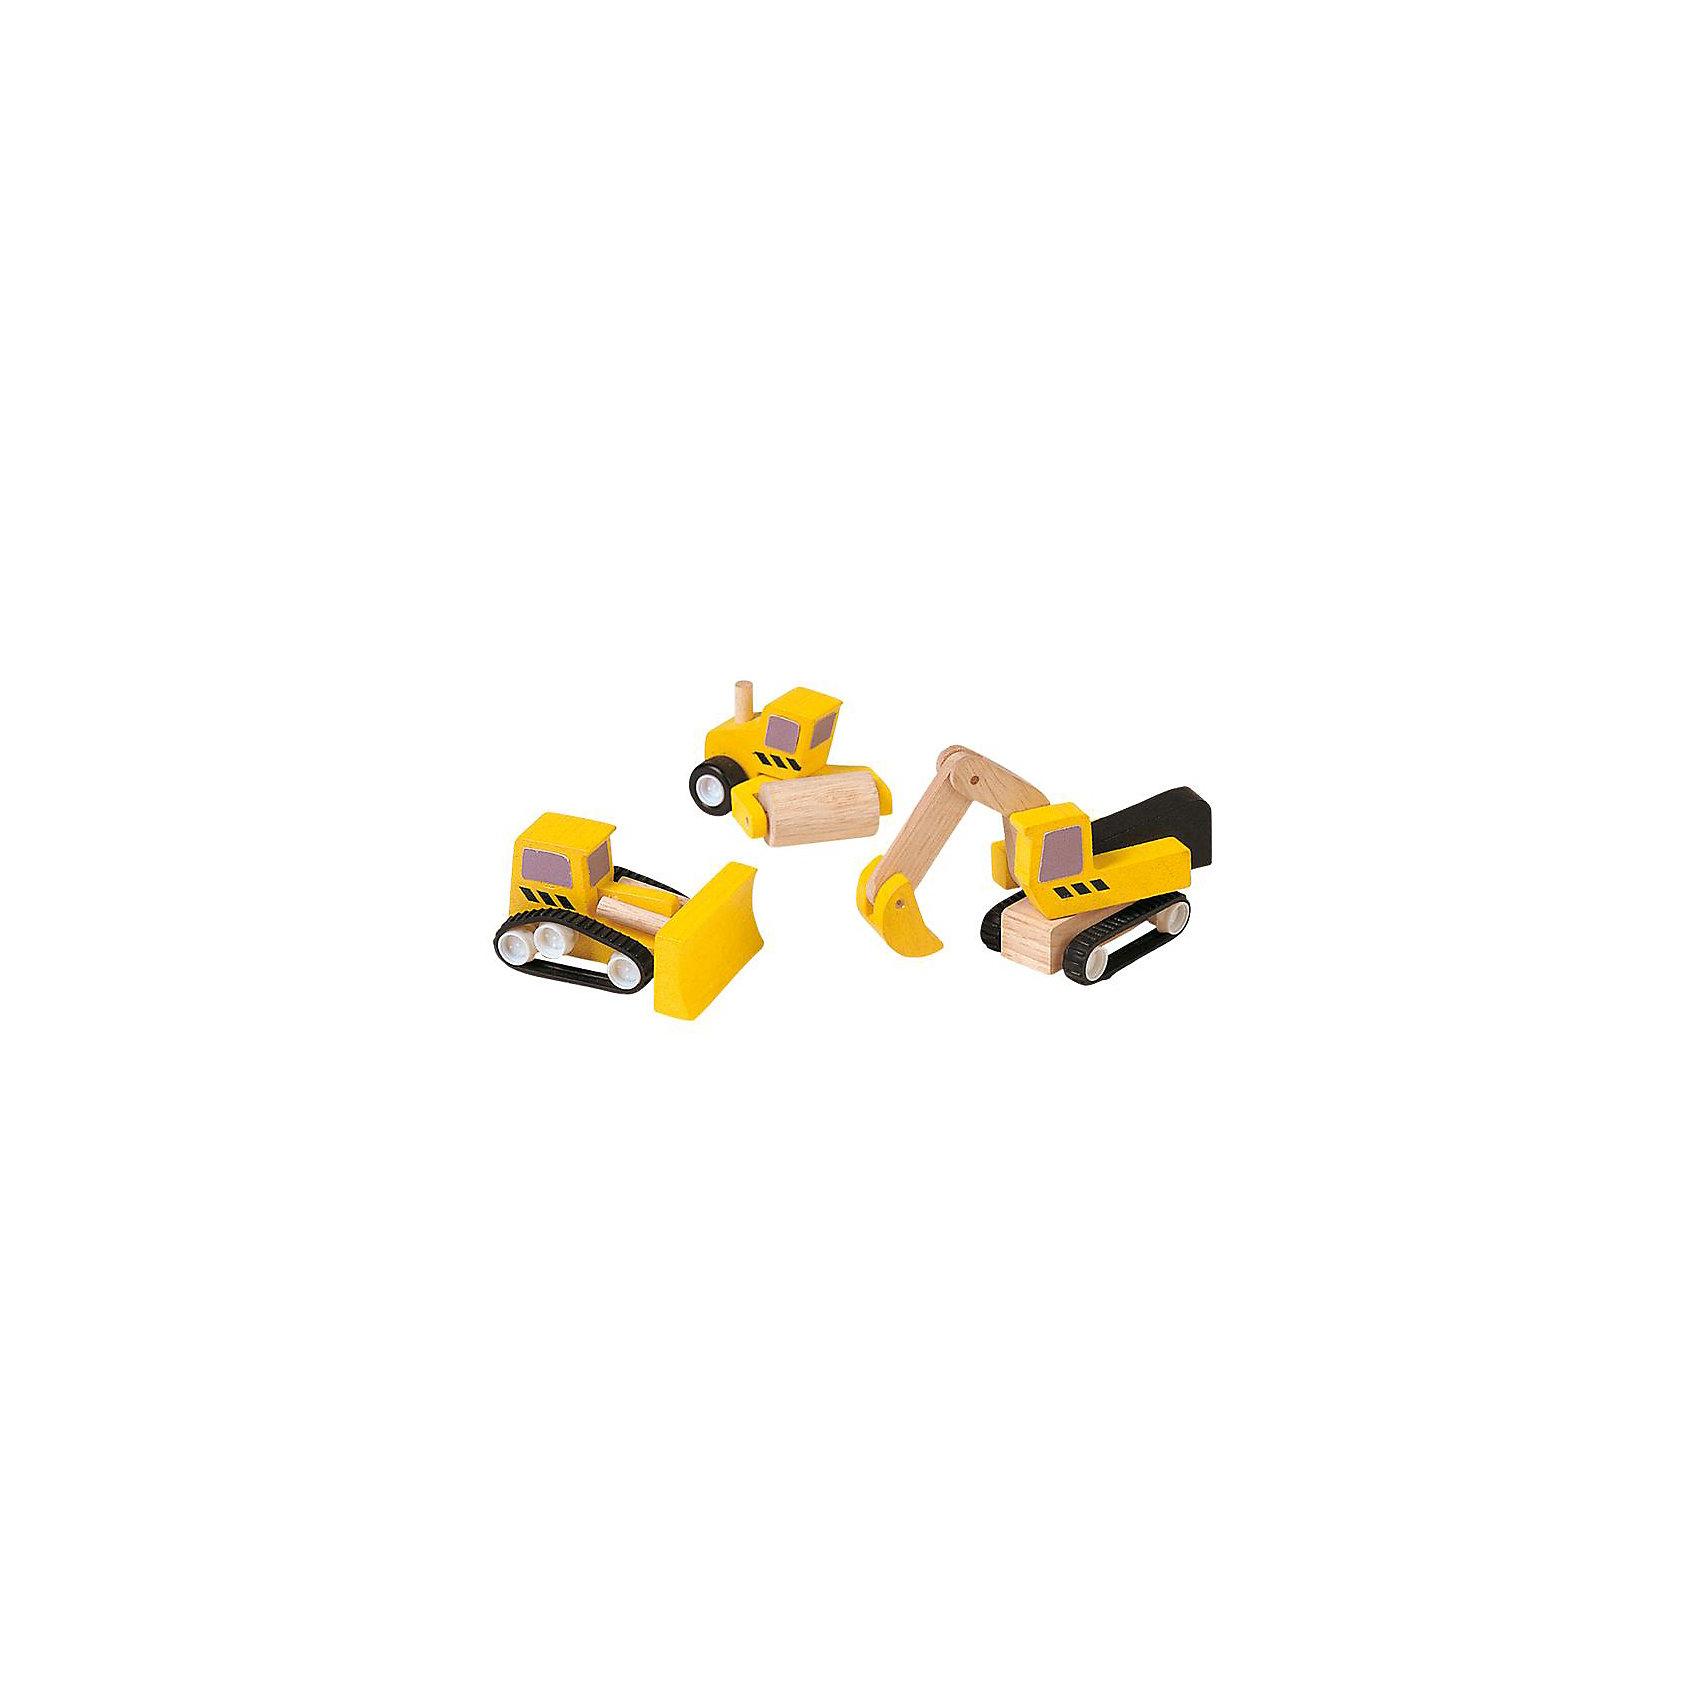 PLAN TOYS 6014 Дорожная техникаЭтот набор дорожной техники идеально дополняет набор строительной техники от PlanToys® (в который входят самосвал, кран и погрузчик). Машинки идеально развивают фантазию и творческие способности малыша, когда он играет в маленького градостроителя.В комплекте: дорожный каток, экскаватор и бульдозер<br>      <br>    <br>    Размеры каждой игрушки: 14,2 x 3,8 x 4,8 см<br><br>Ширина мм: 119<br>Глубина мм: 127<br>Высота мм: 71<br>Вес г: 147<br>Возраст от месяцев: 36<br>Возраст до месяцев: 72<br>Пол: Мужской<br>Возраст: Детский<br>SKU: 2035263